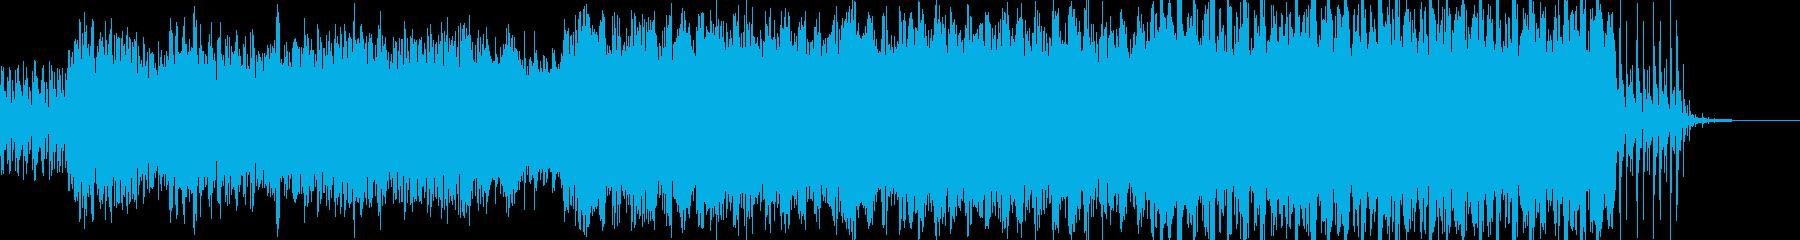 幻想的で緊張感のある曲の再生済みの波形